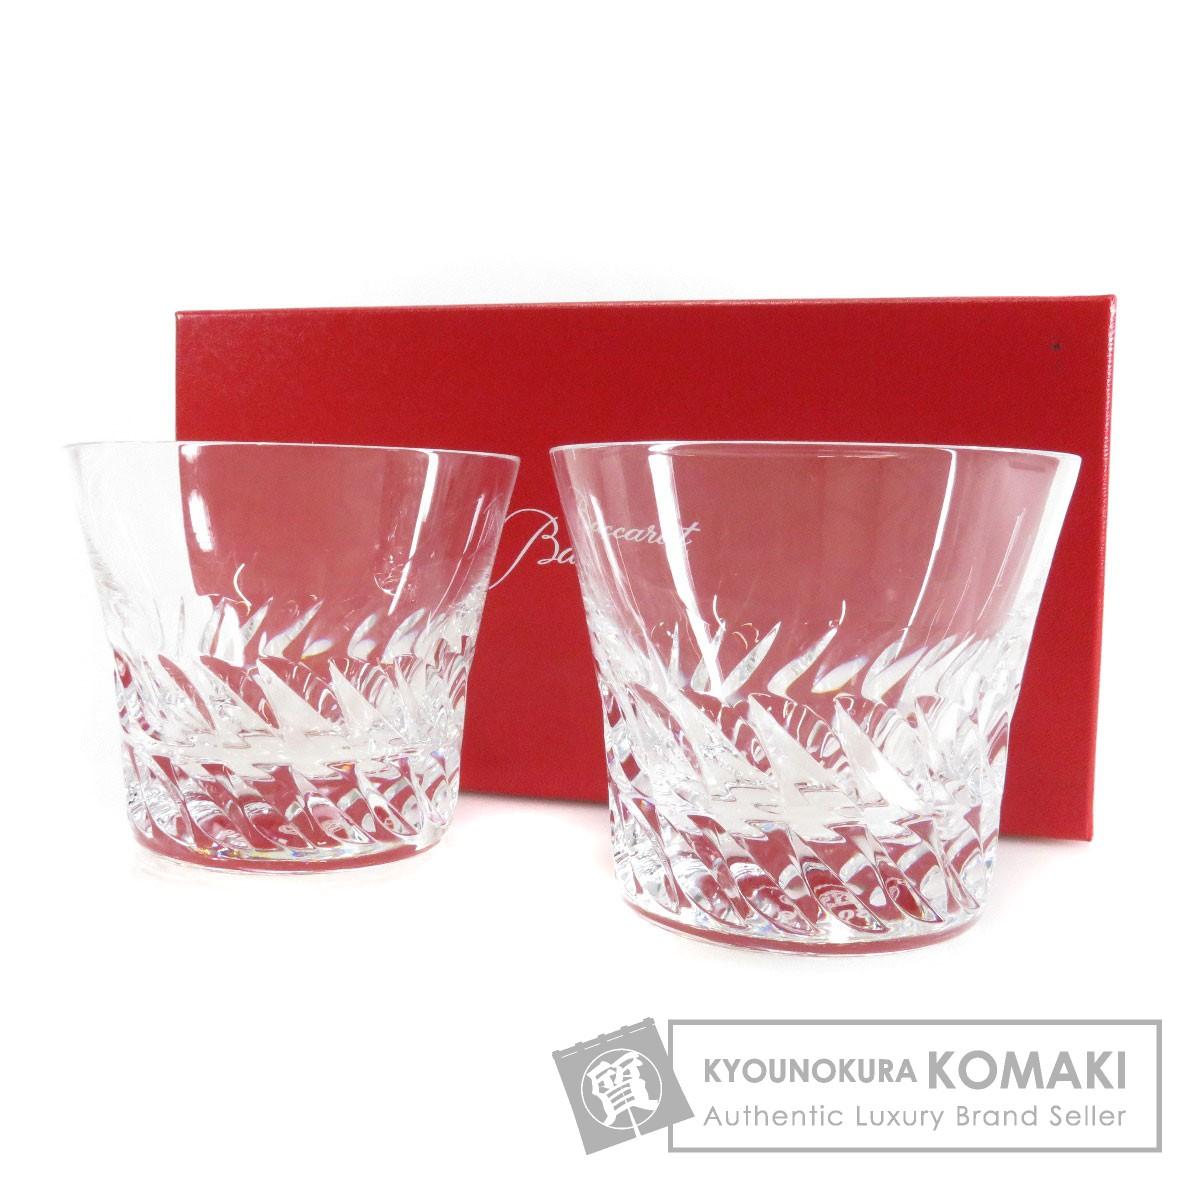 Baccarat ペアグラス グラス クリスタル ユニセックス 【中古】【バカラ】